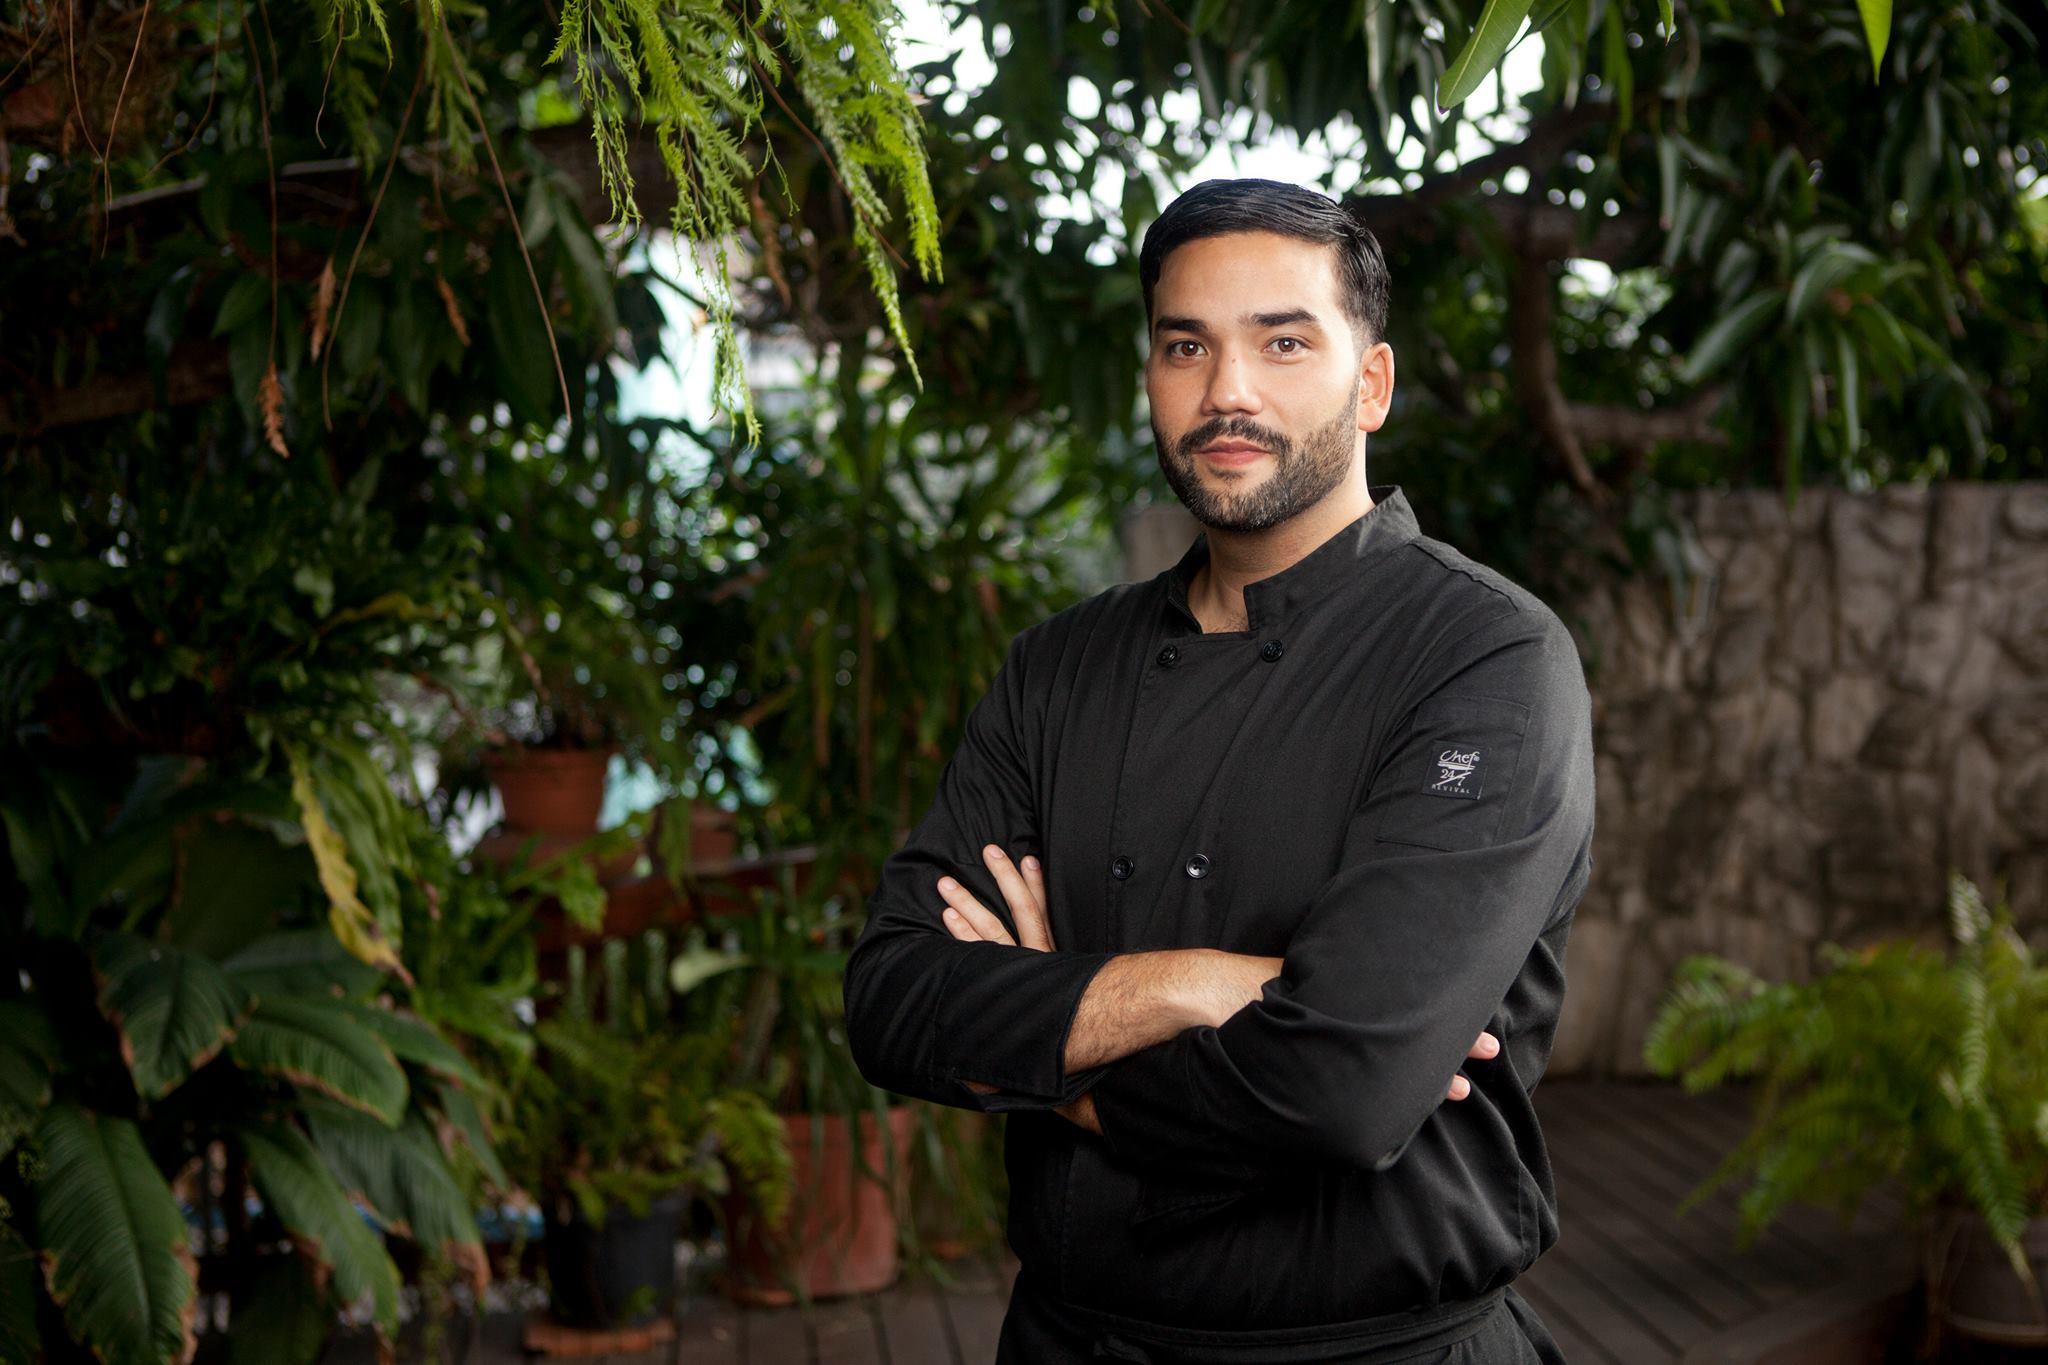 tony tastisfaction - A culinary day in the life of Tony Soliana - Tastisfaction CURAÇAO